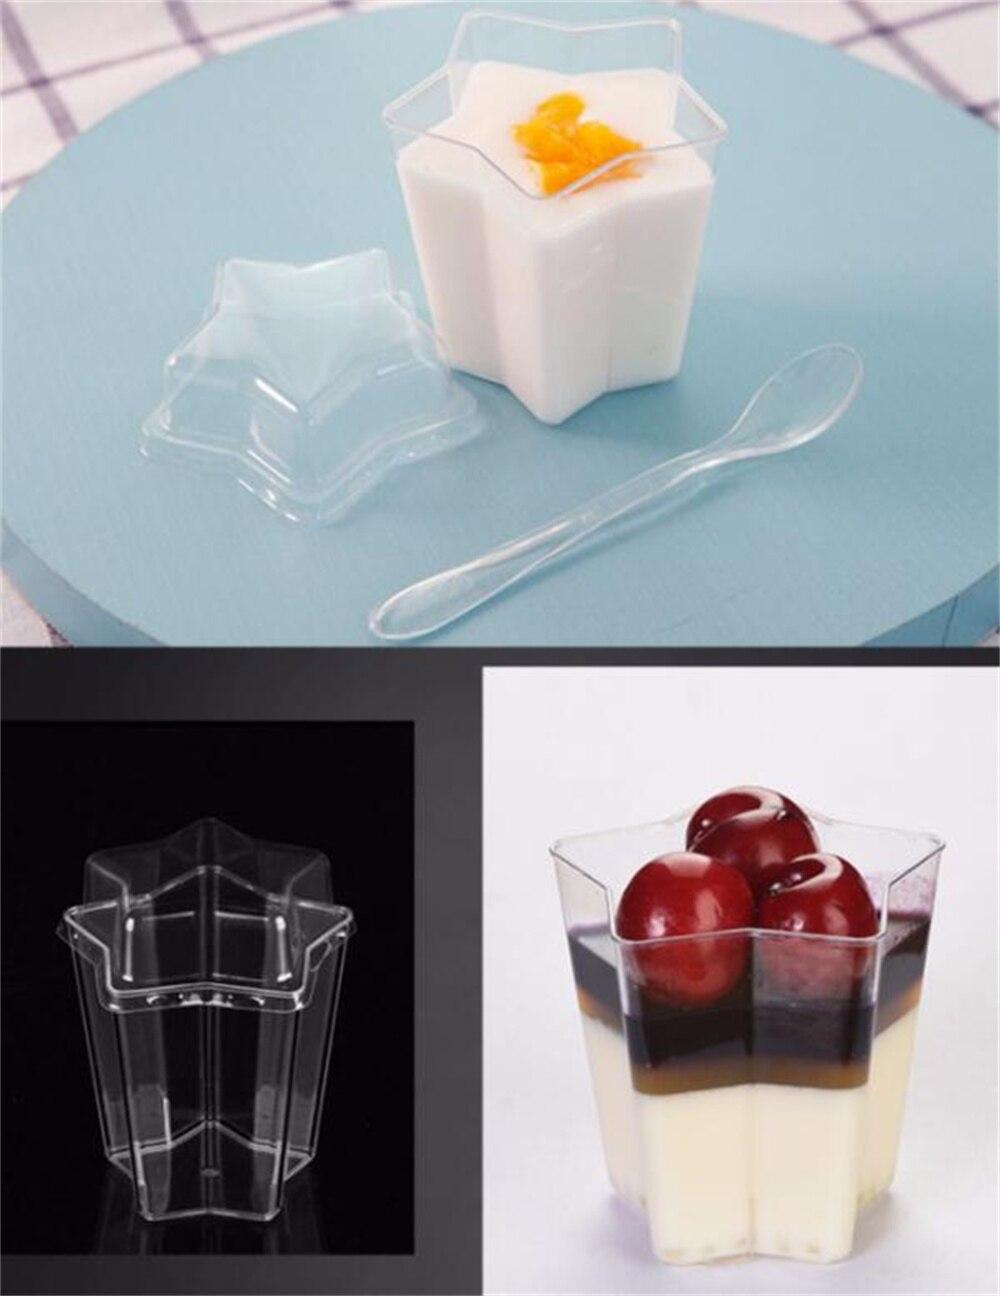 50 قطعة/الوحدة 4.5 أوقية واضح البلاستيك الآيس كريم Bowls الحلوى أكواب زهرة قابلة لإعادة الاستخدام أو المتاح Sundae حامل Parfaits بهلوان